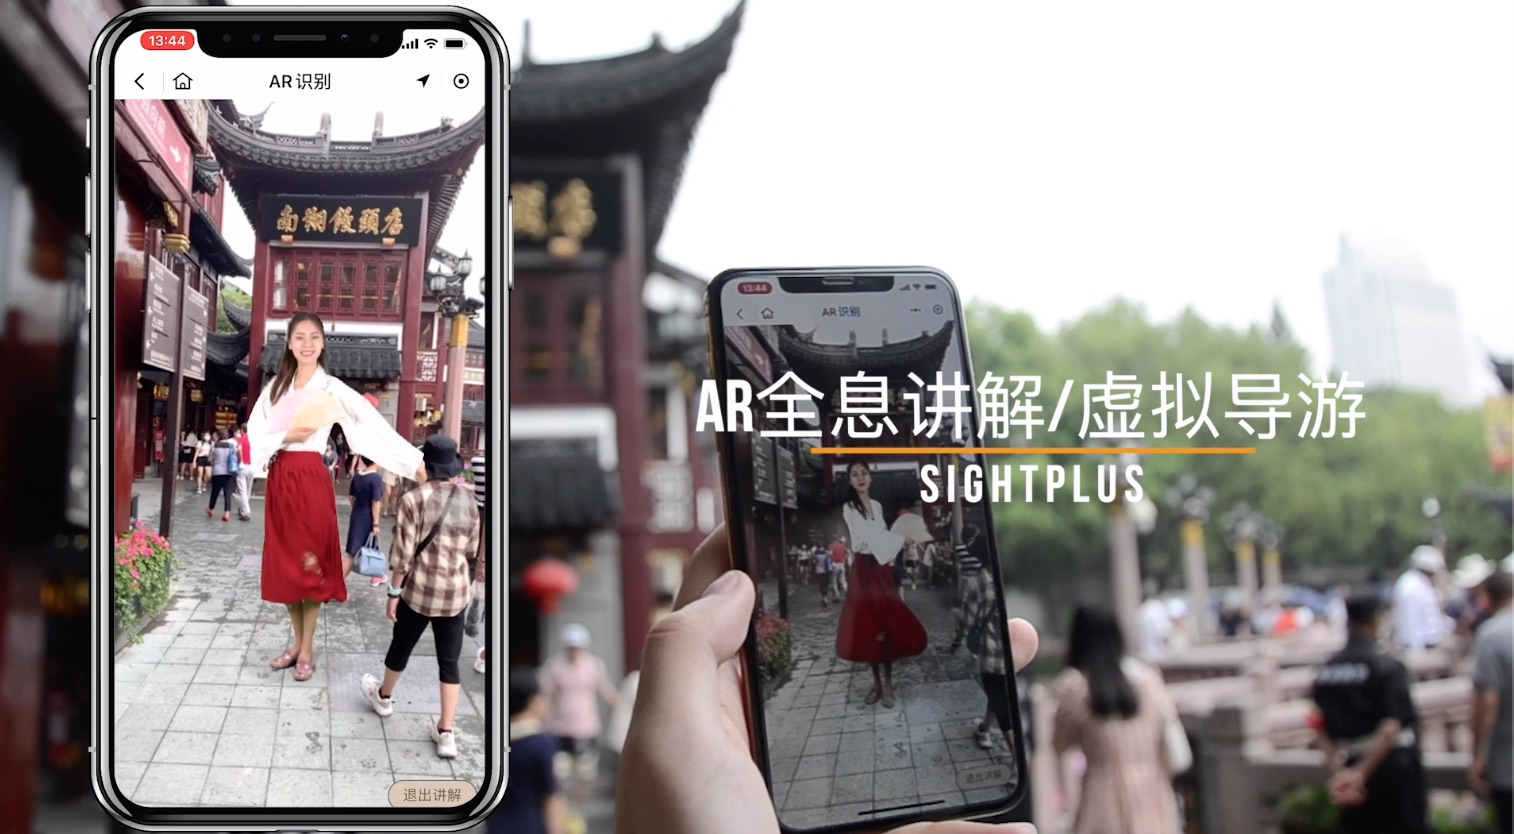 乐游豫园-AR导游导览导购平台